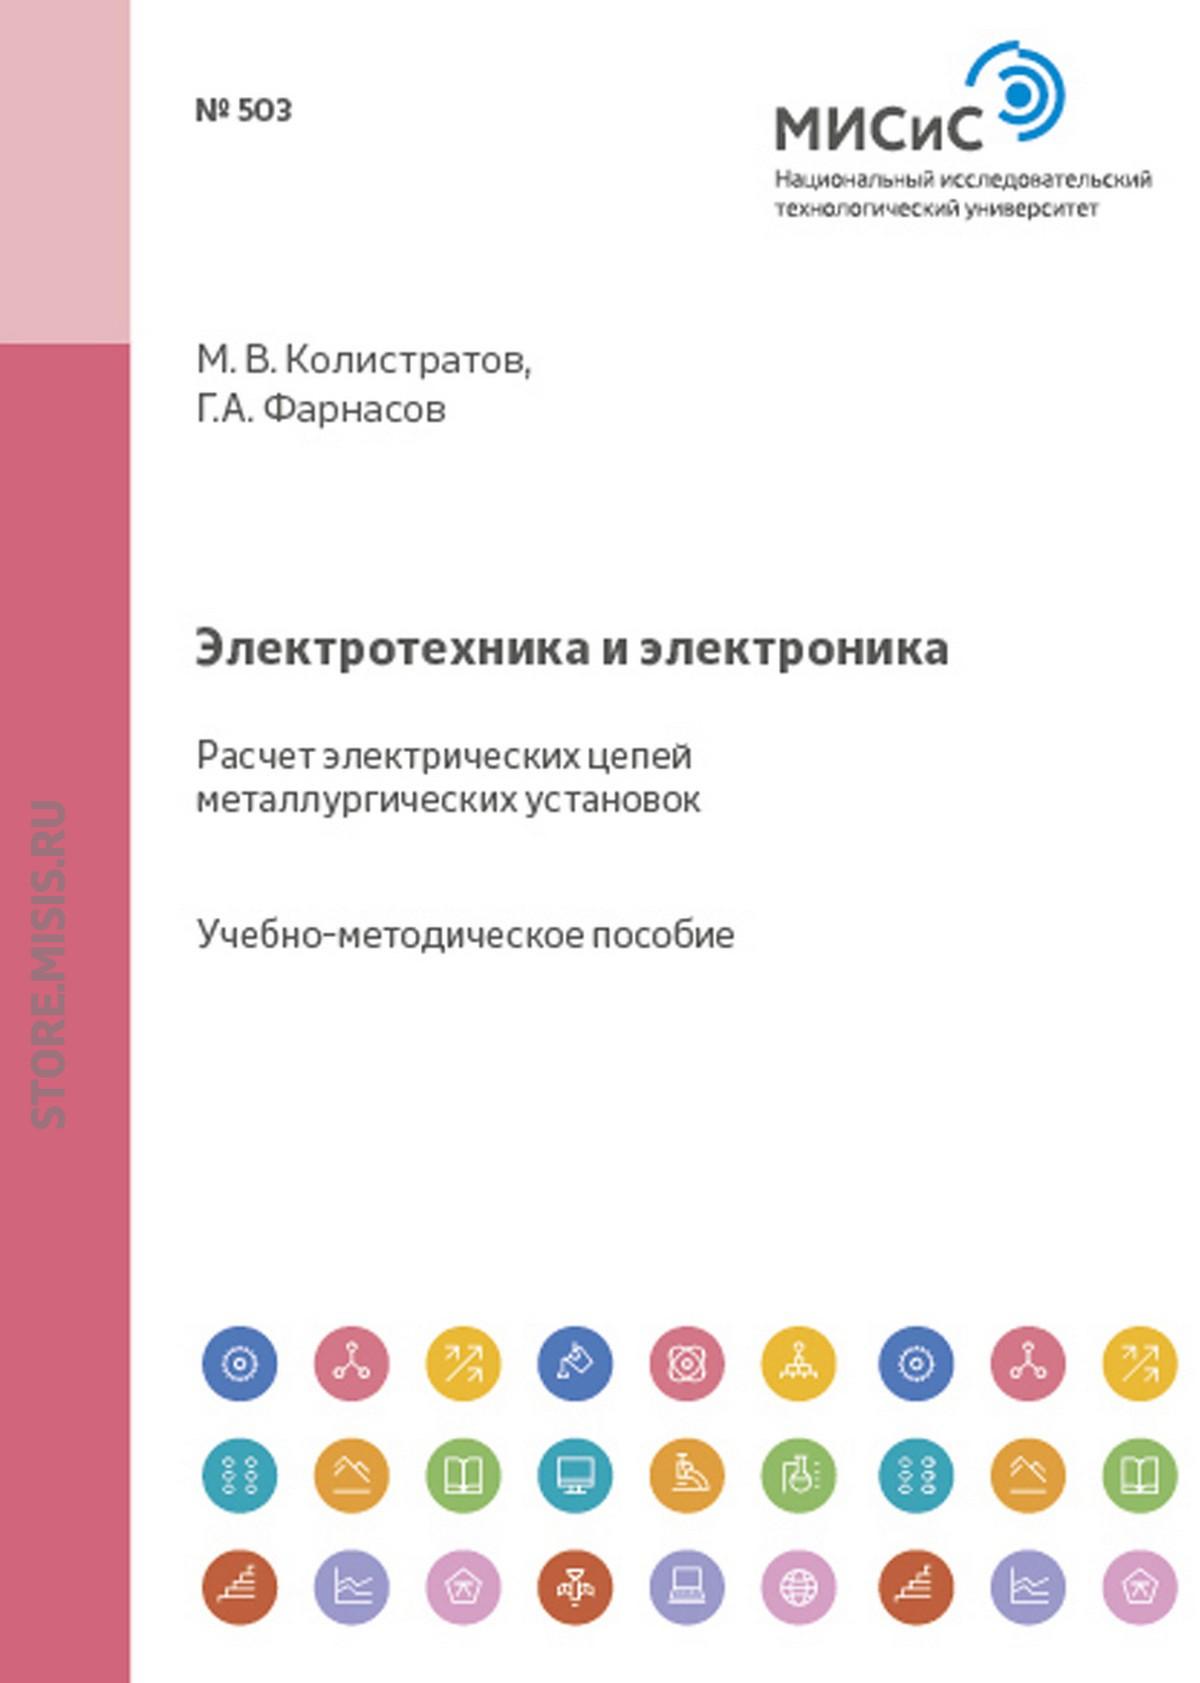 Геннадий Фарнасов Электротехника и электроника. Расчет электрических цепей металлургических установок путешествие электроника читать